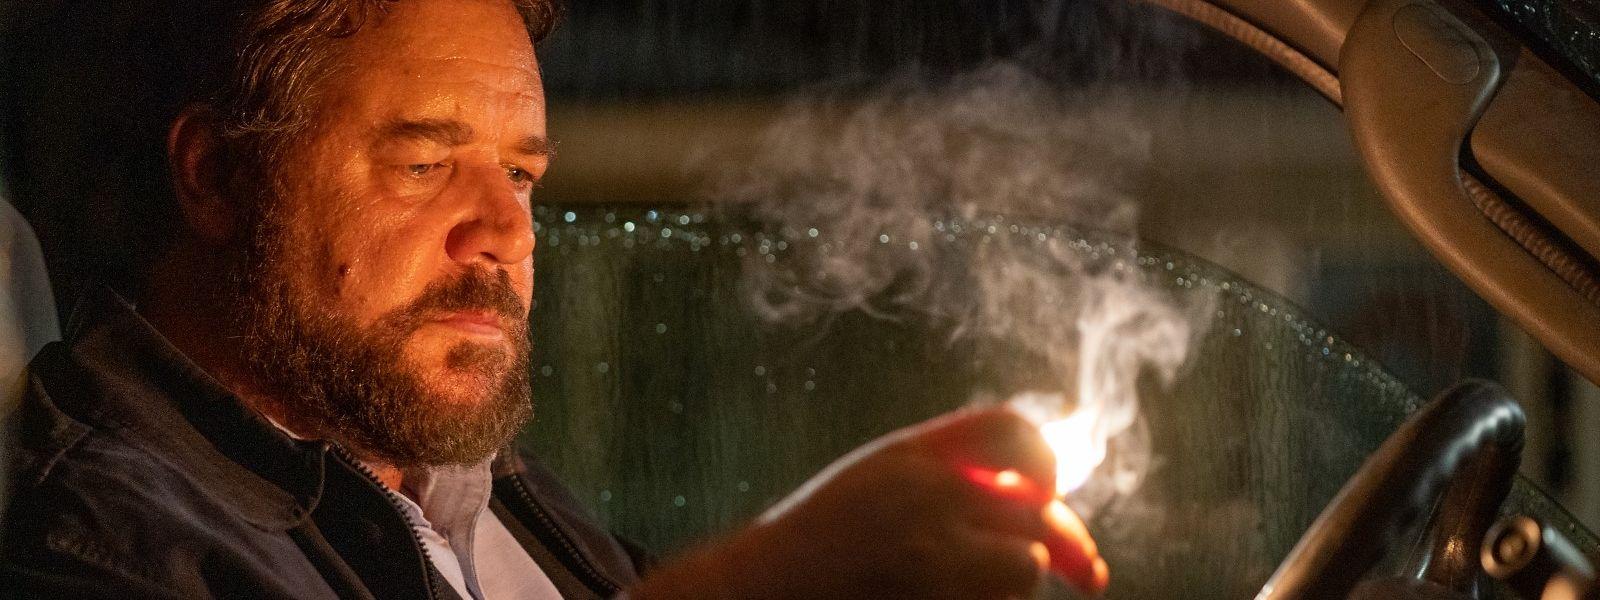 Russell Crowe spielt einen Psychopathen.